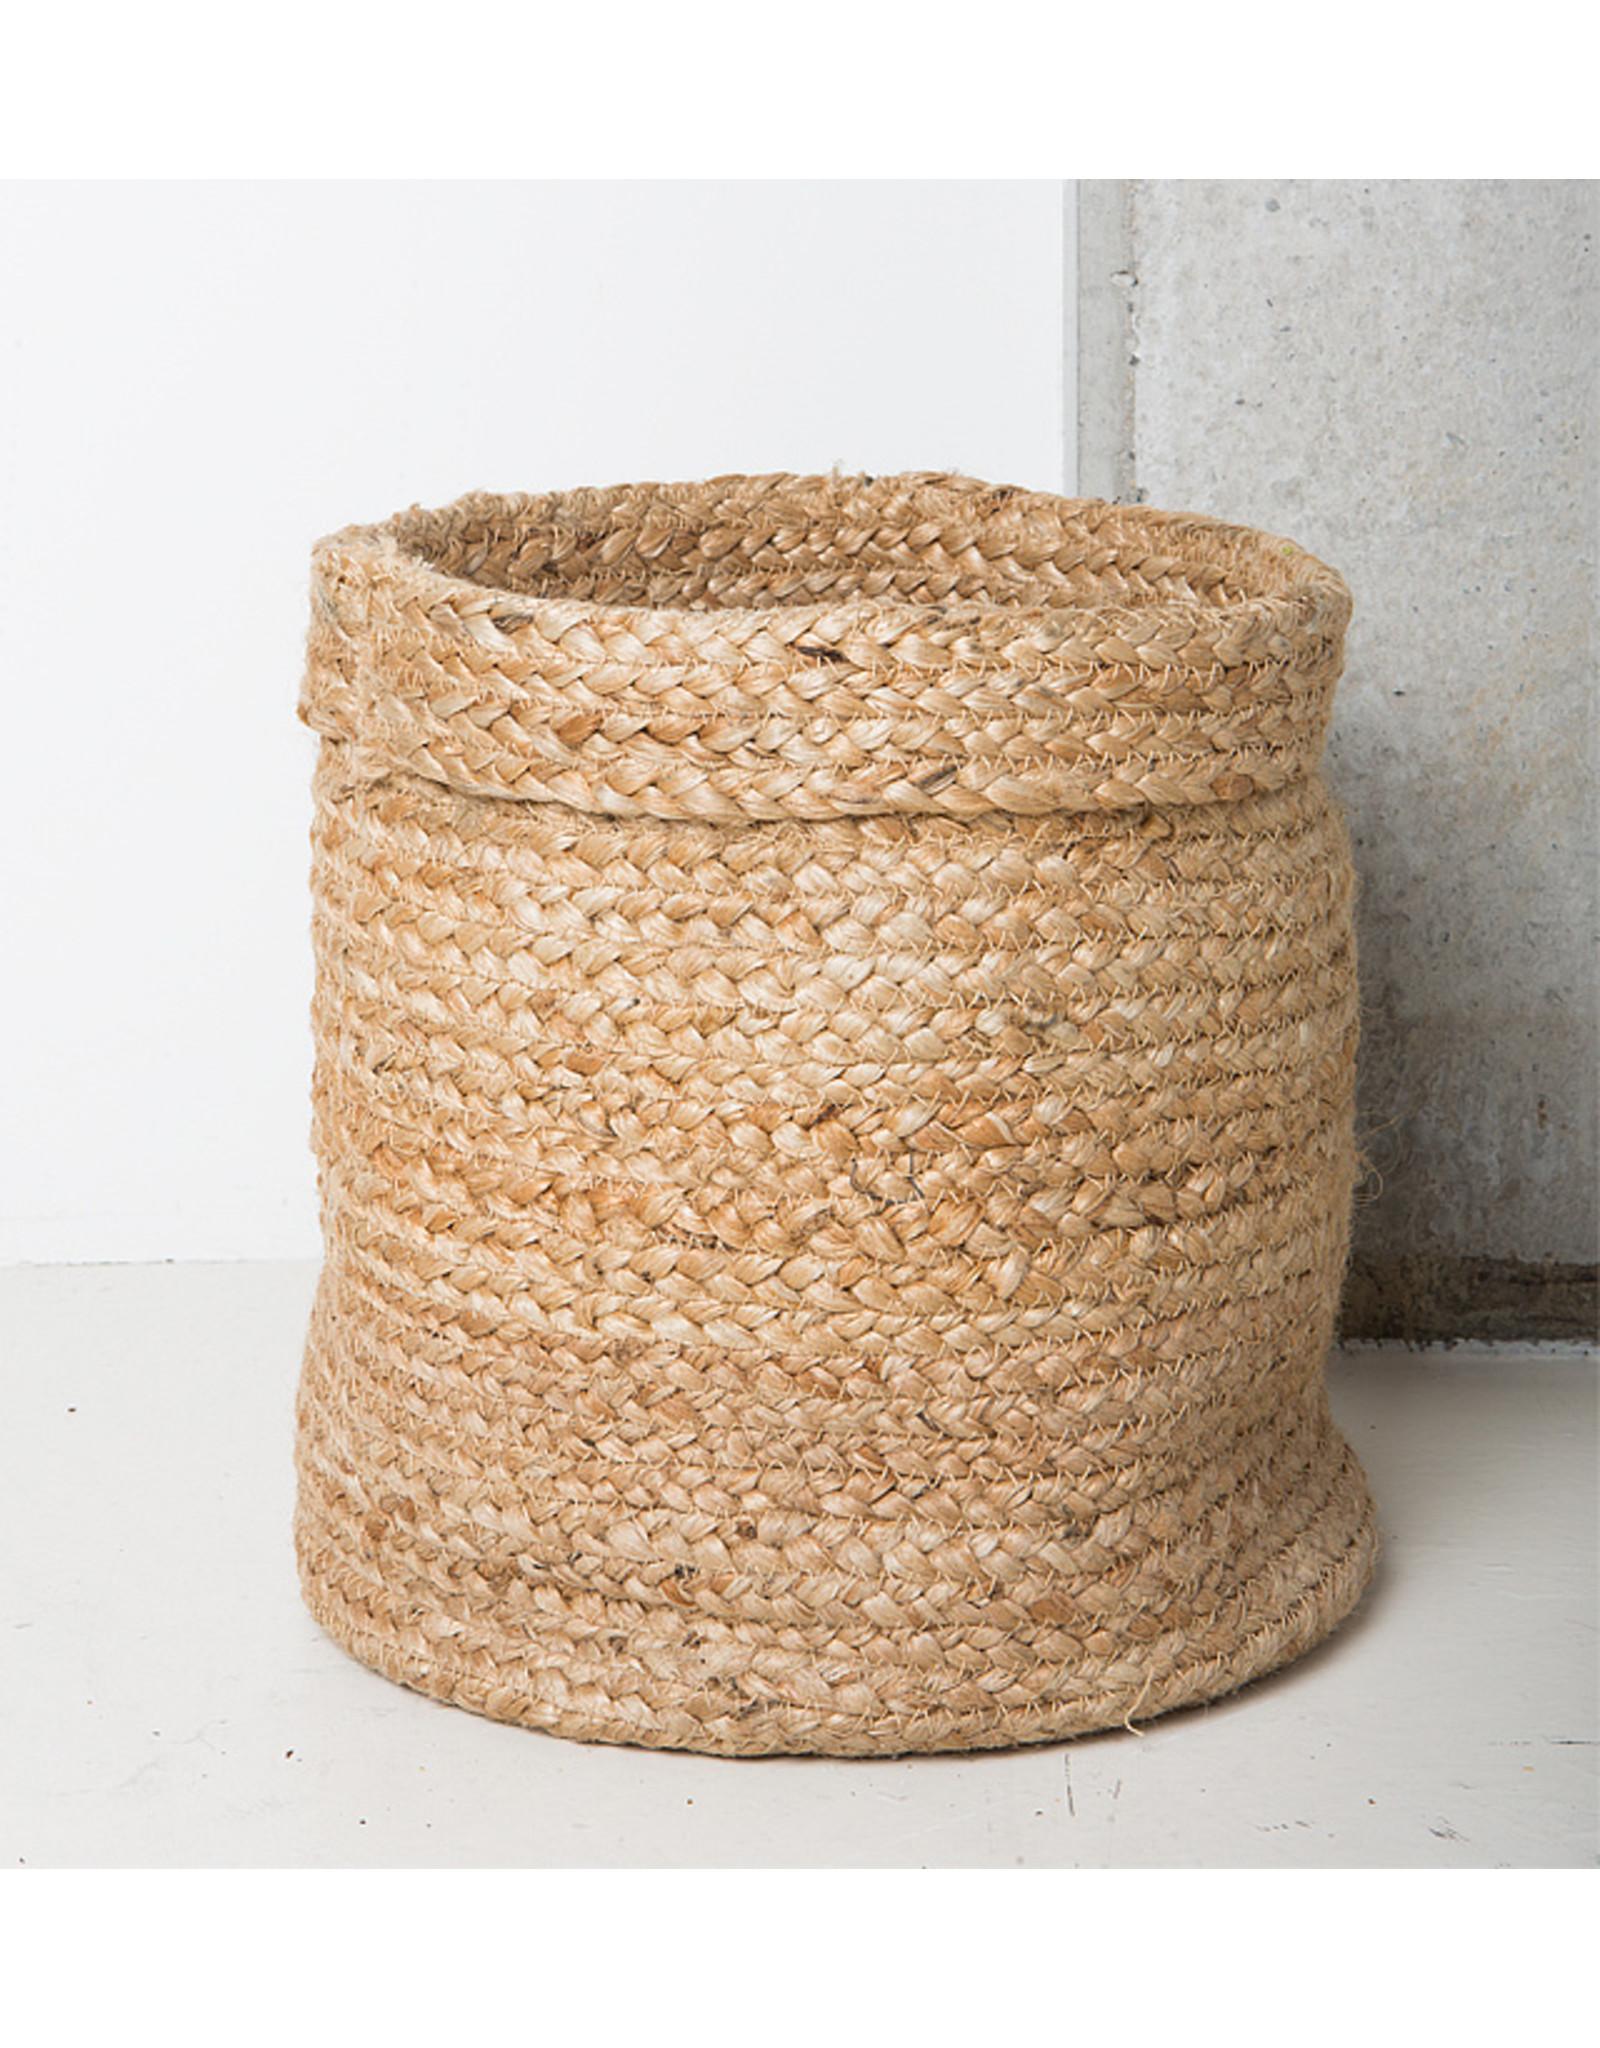 Urban Nature Culture Mand braided jute